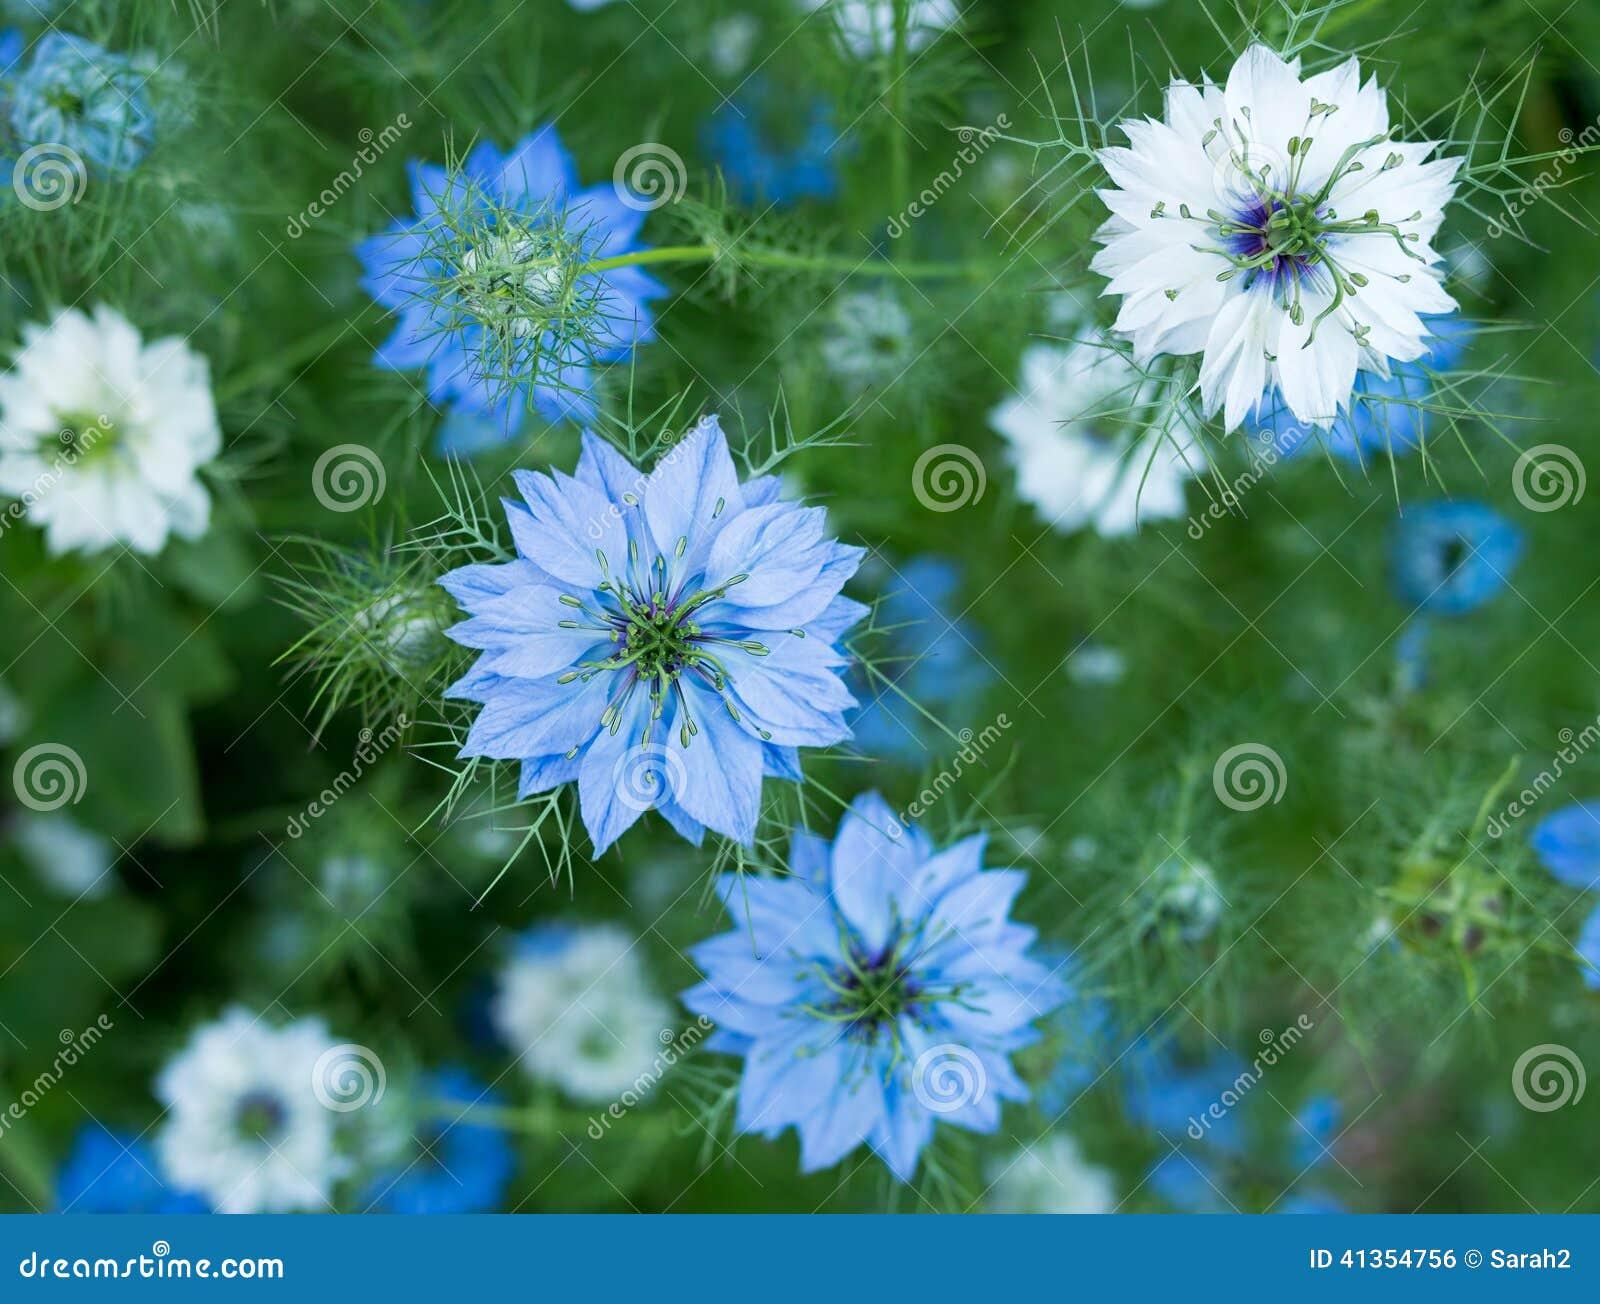 Stockfoto: Sativablumen Nigella - Kraut, blaue weiße oder rosa Blumen